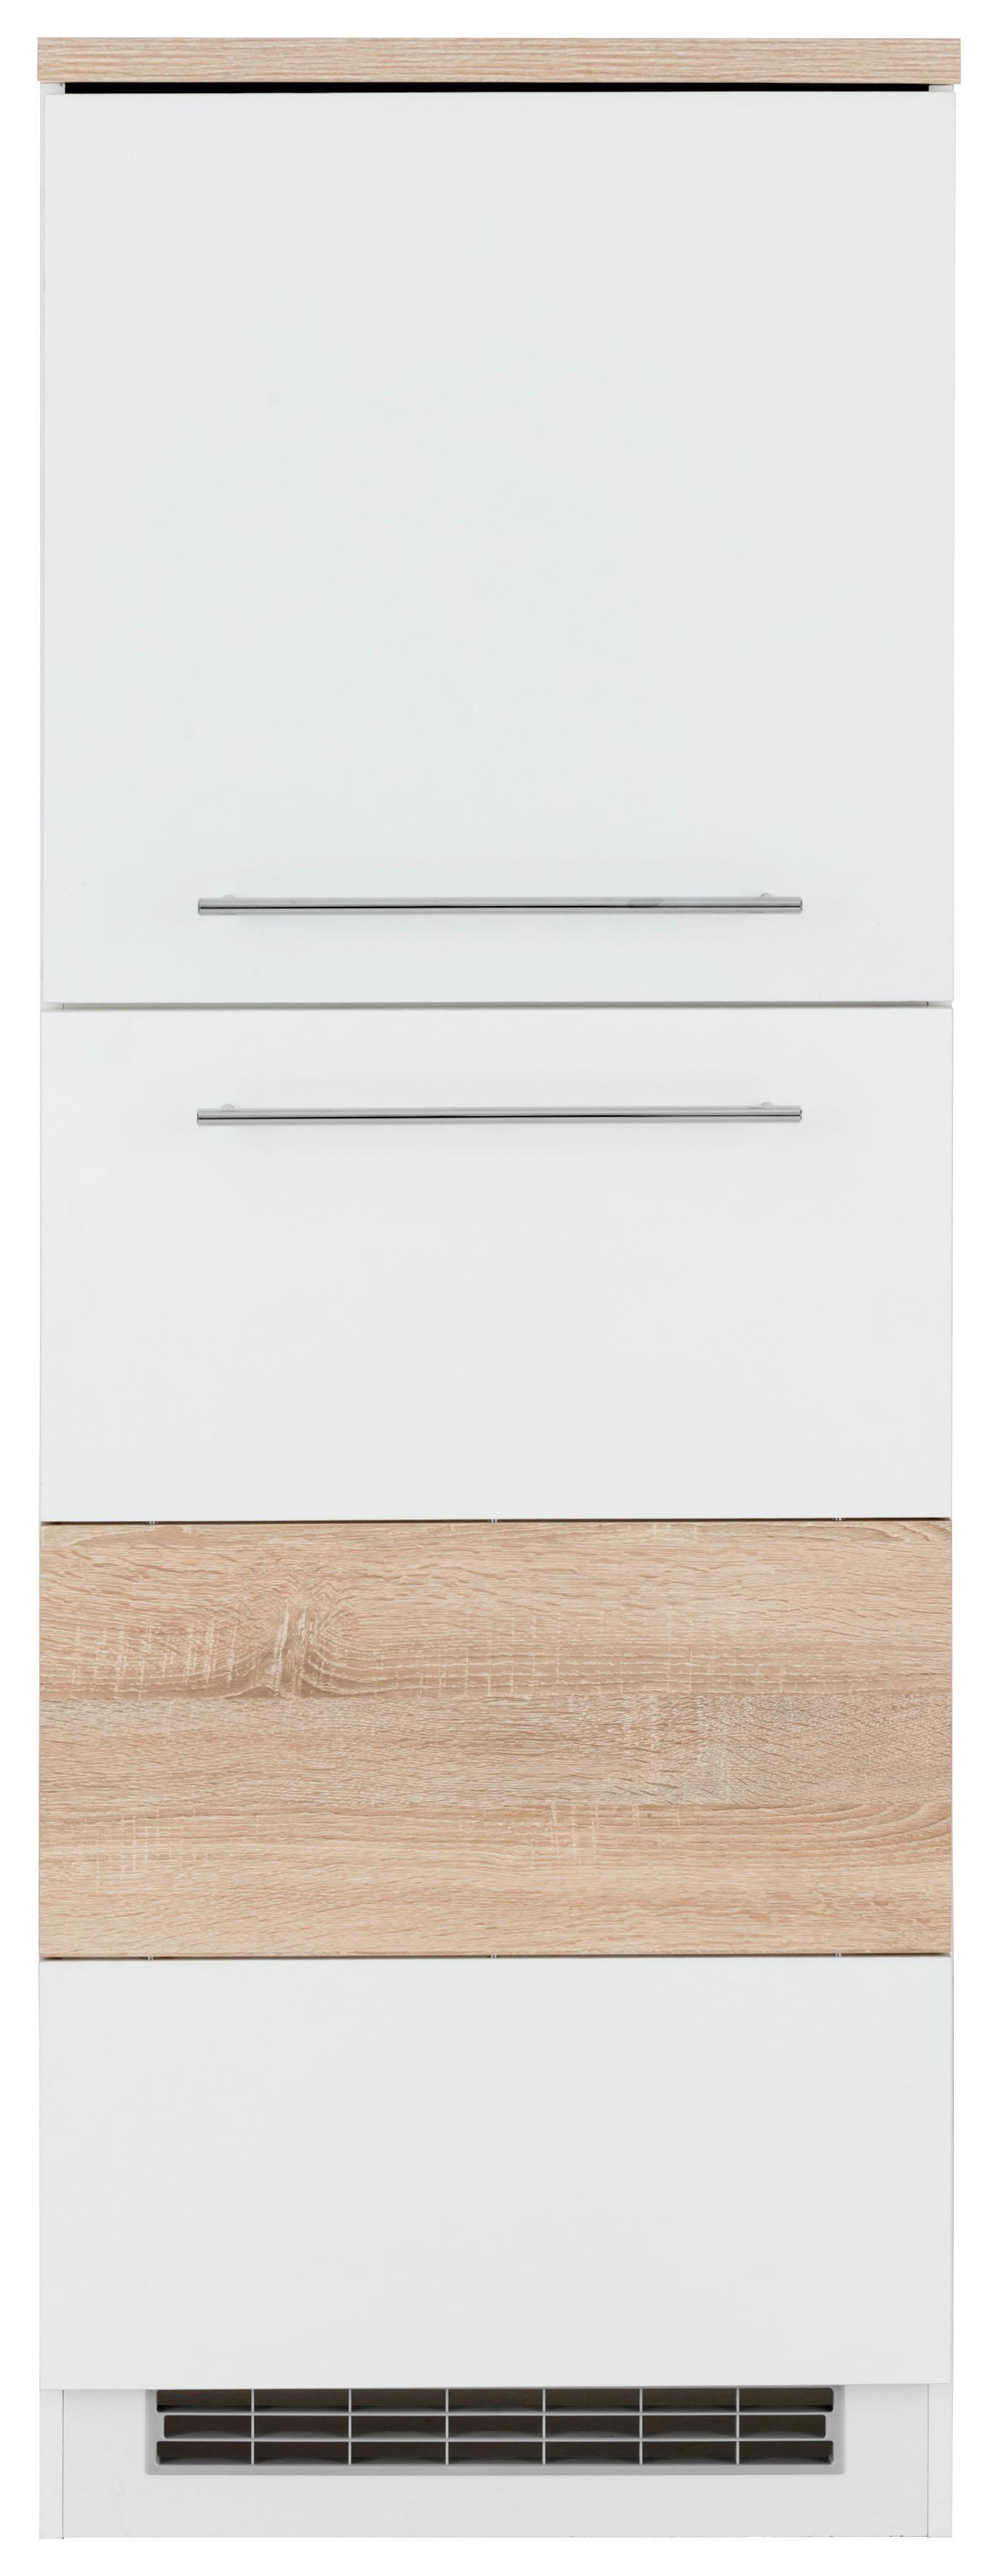 HELD MÖBEL Kühlumbauschrank Trient, 60 cm breit günstig online kaufen